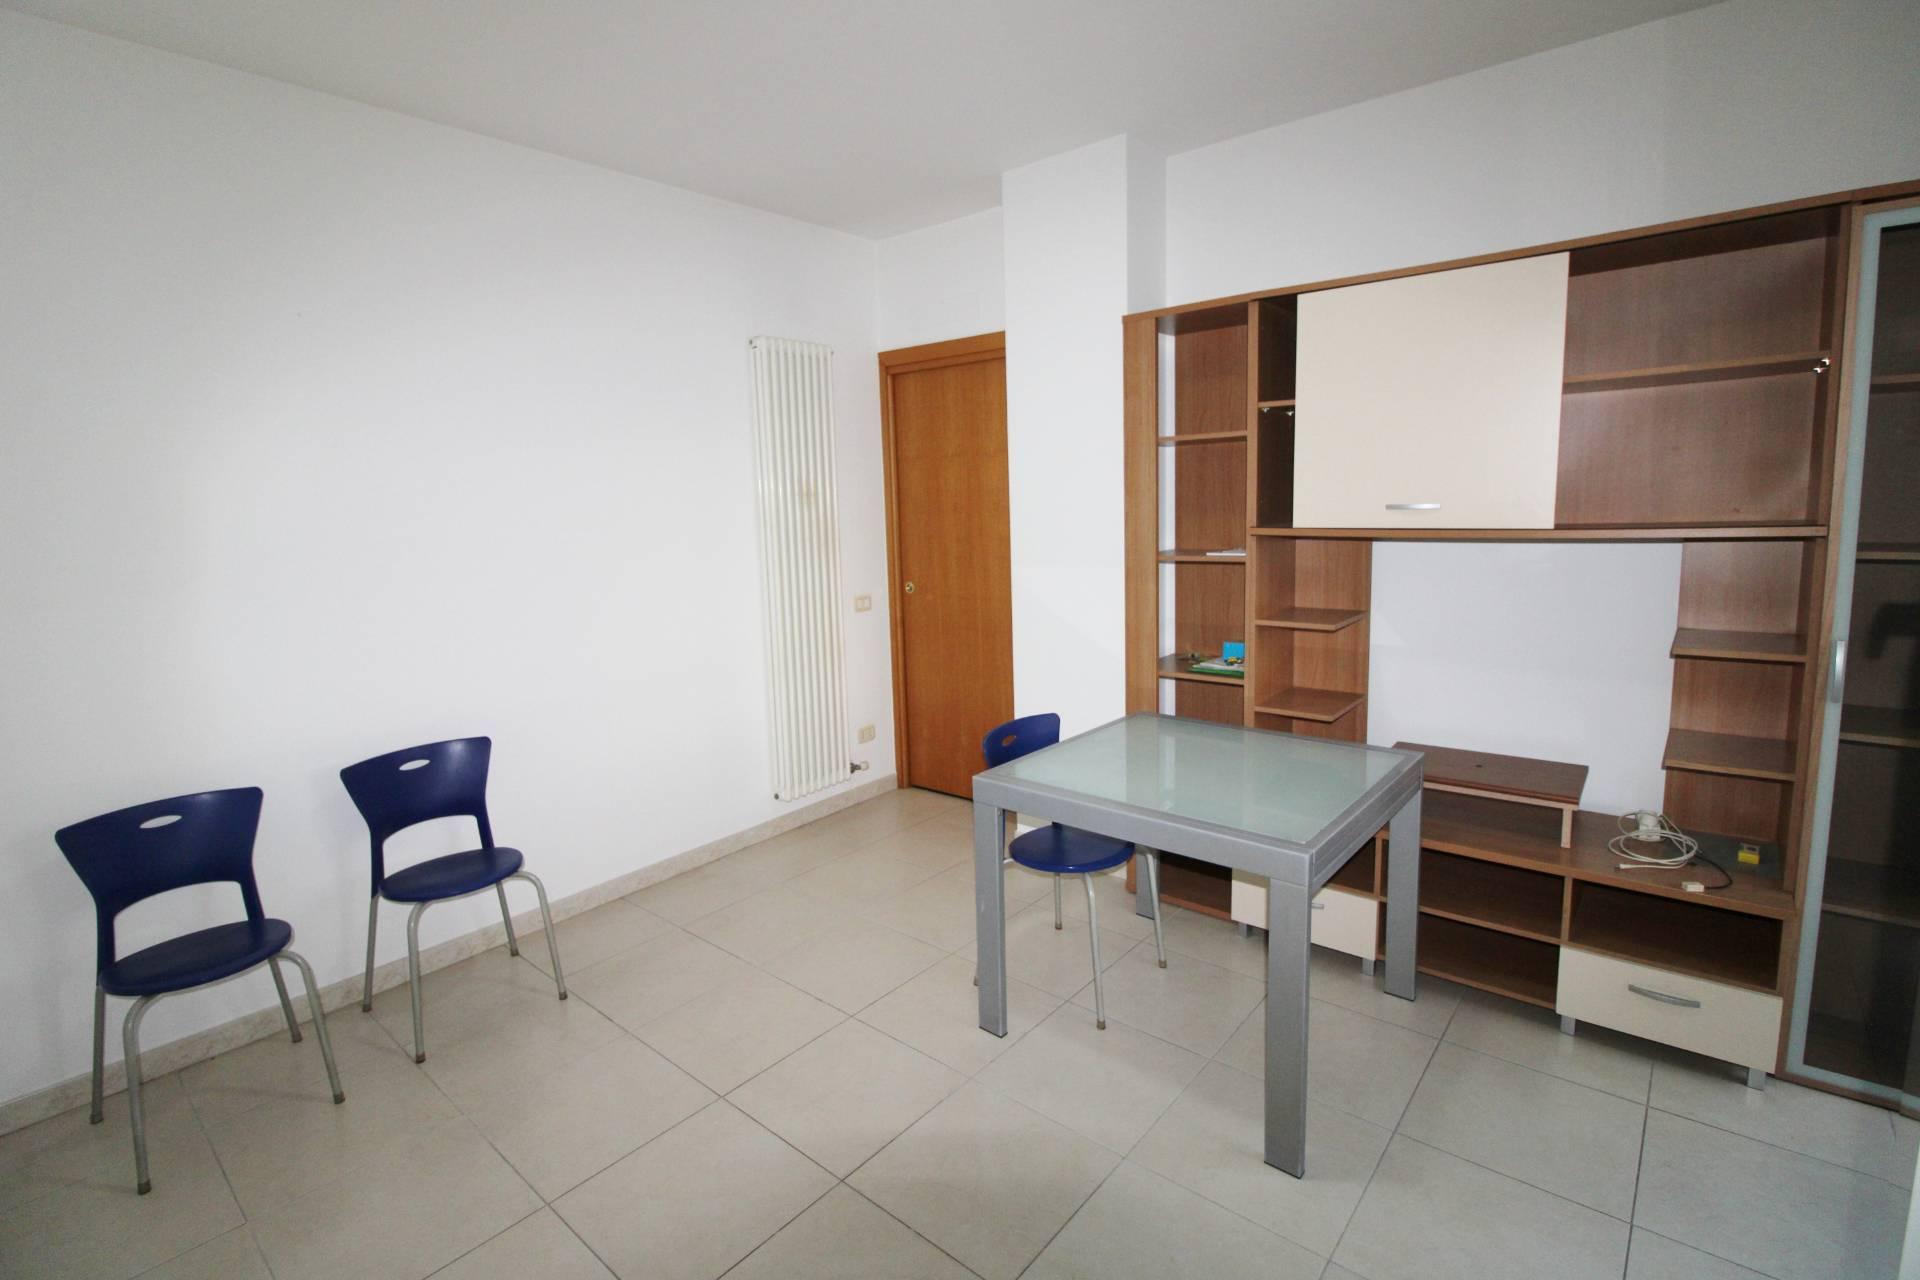 Appartamento in vendita a San Benedetto del Tronto, 3 locali, zona Località: PORTODASCOLI(residenziale, prezzo € 119.000 | PortaleAgenzieImmobiliari.it